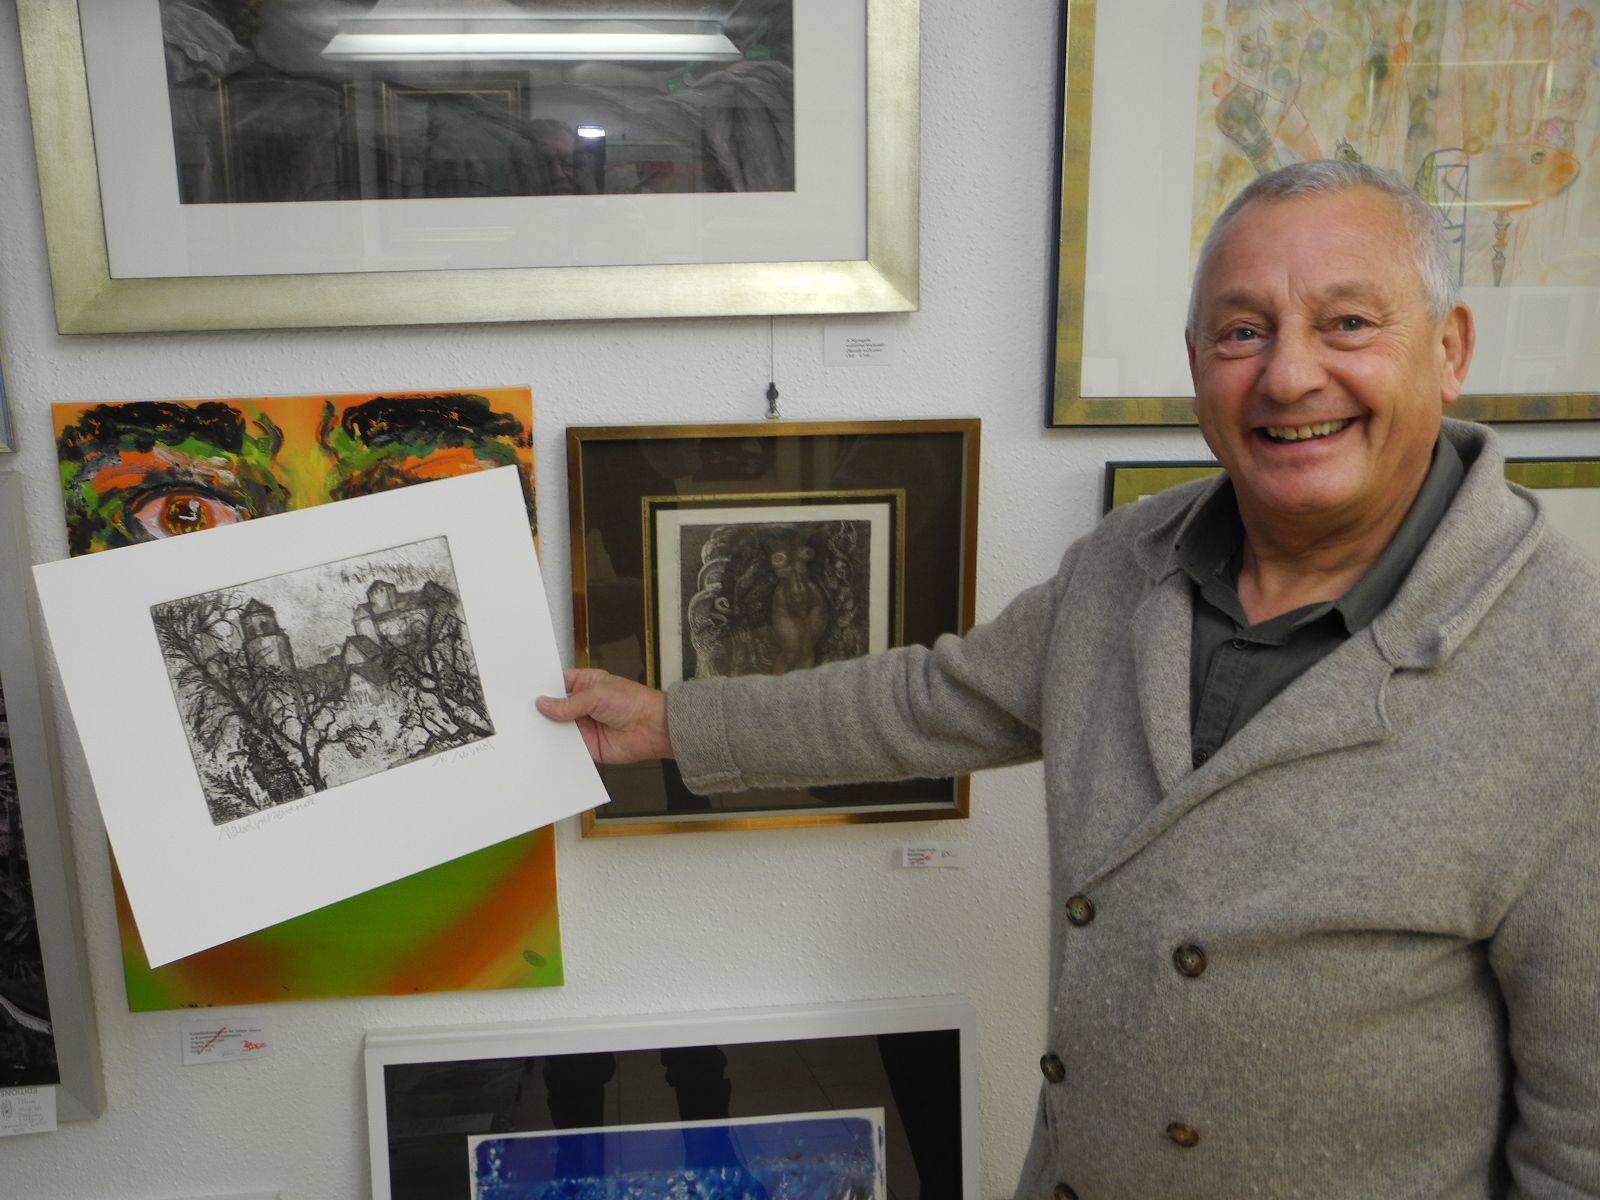 Galerist Werner Gamper zeigt eine Zeichnung des Liechtensteiner Künstlers Hanspeter Leibild